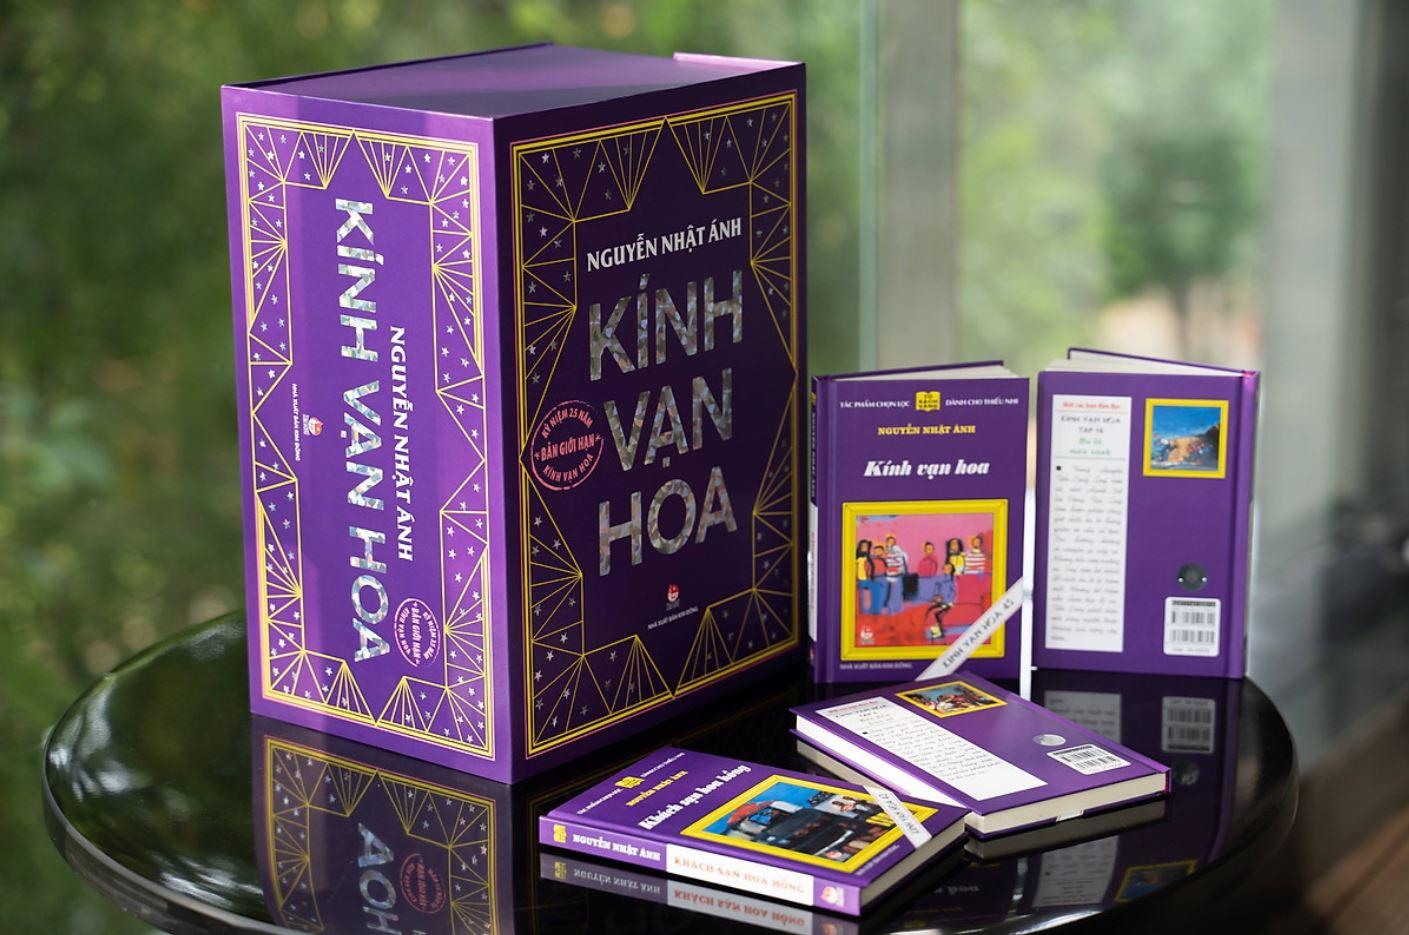 Kính vạn hoa (bộ 45 tập) - Nguyễn Nhật Ánh